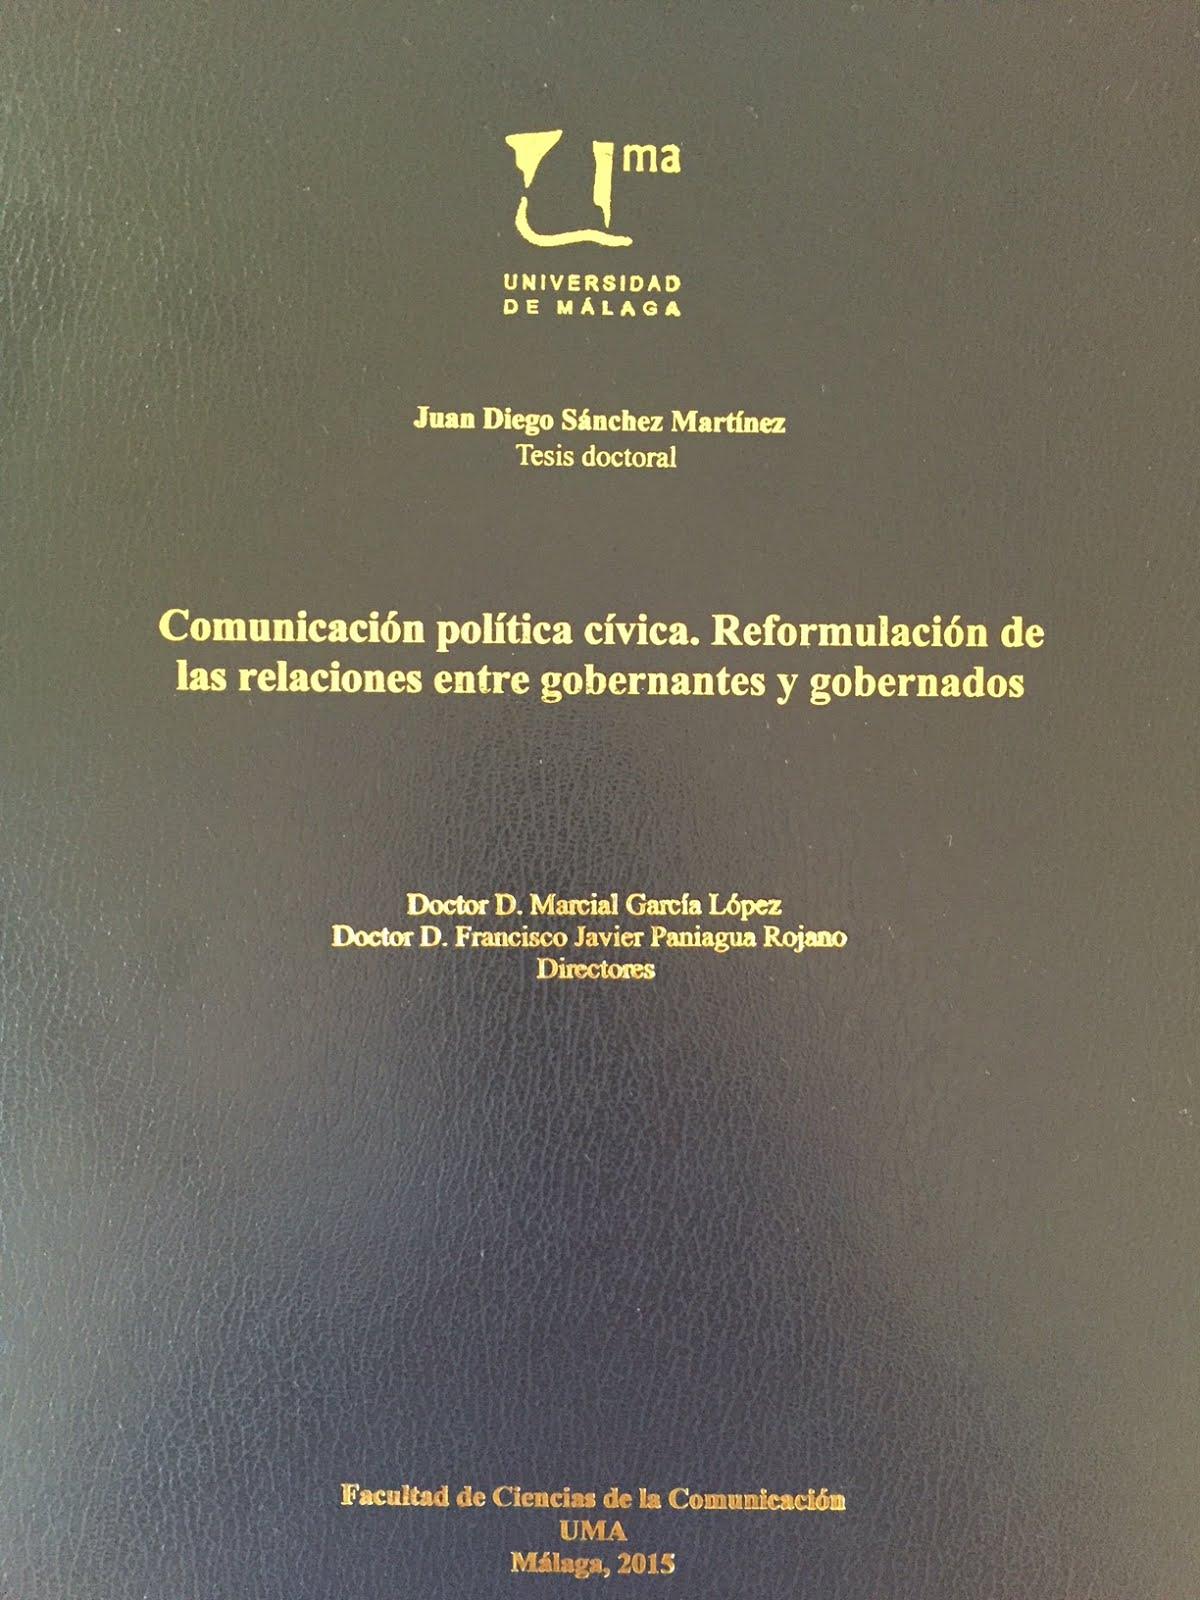 Mi tesis doctoral